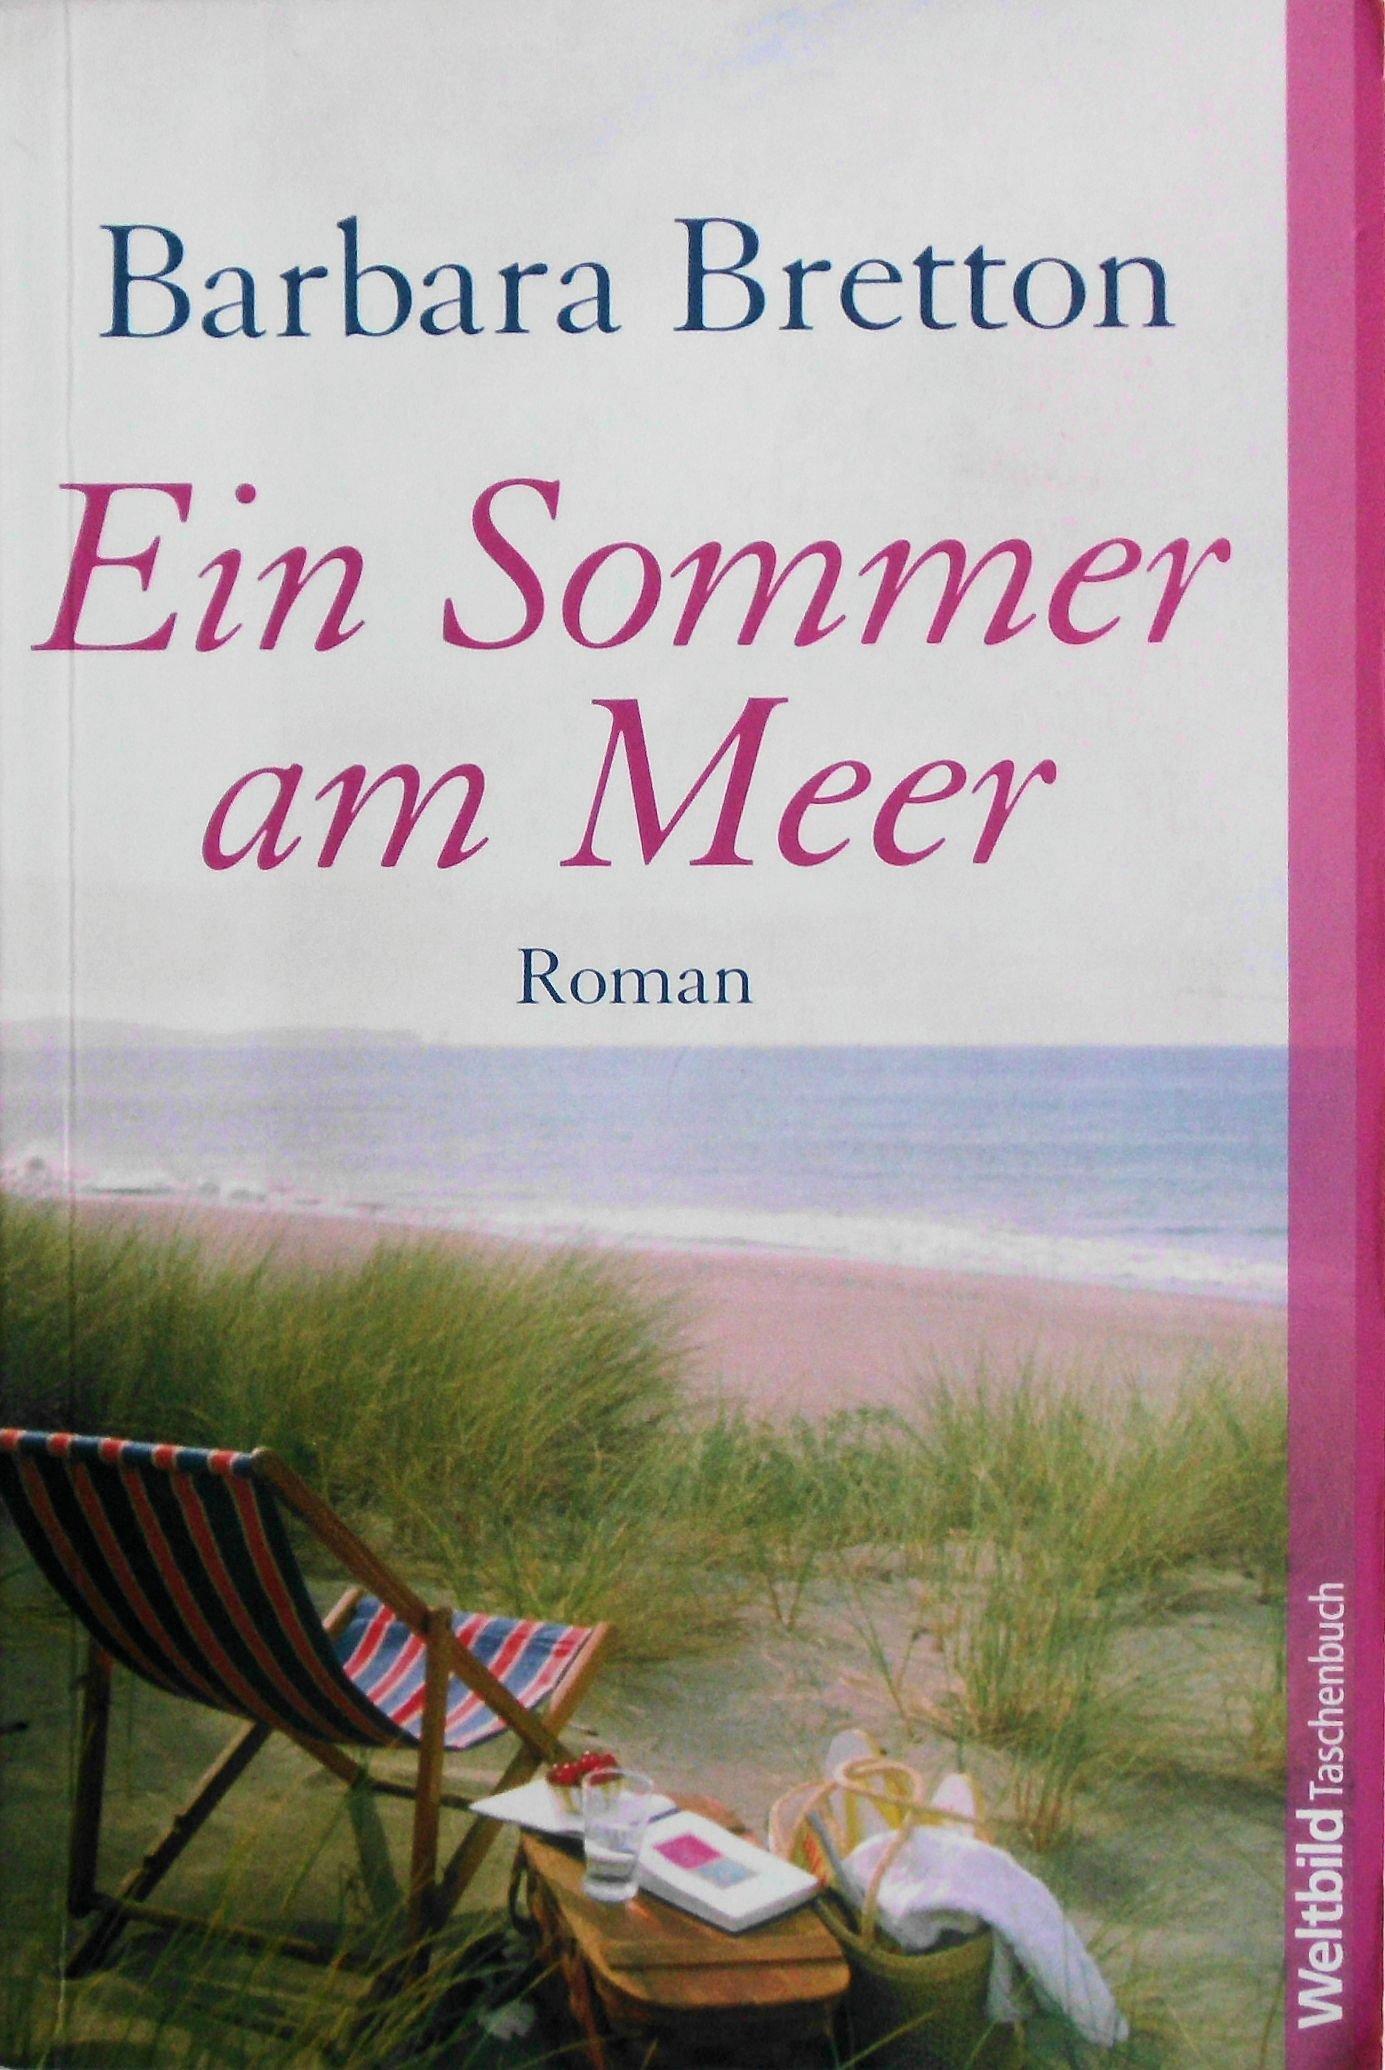 Bretton, Barbara: Ein Sommer am Meer. Roman. Weltbild-Taschenbuch. Deutsch von Ursula Wulfekamp. 12. Aufl.,